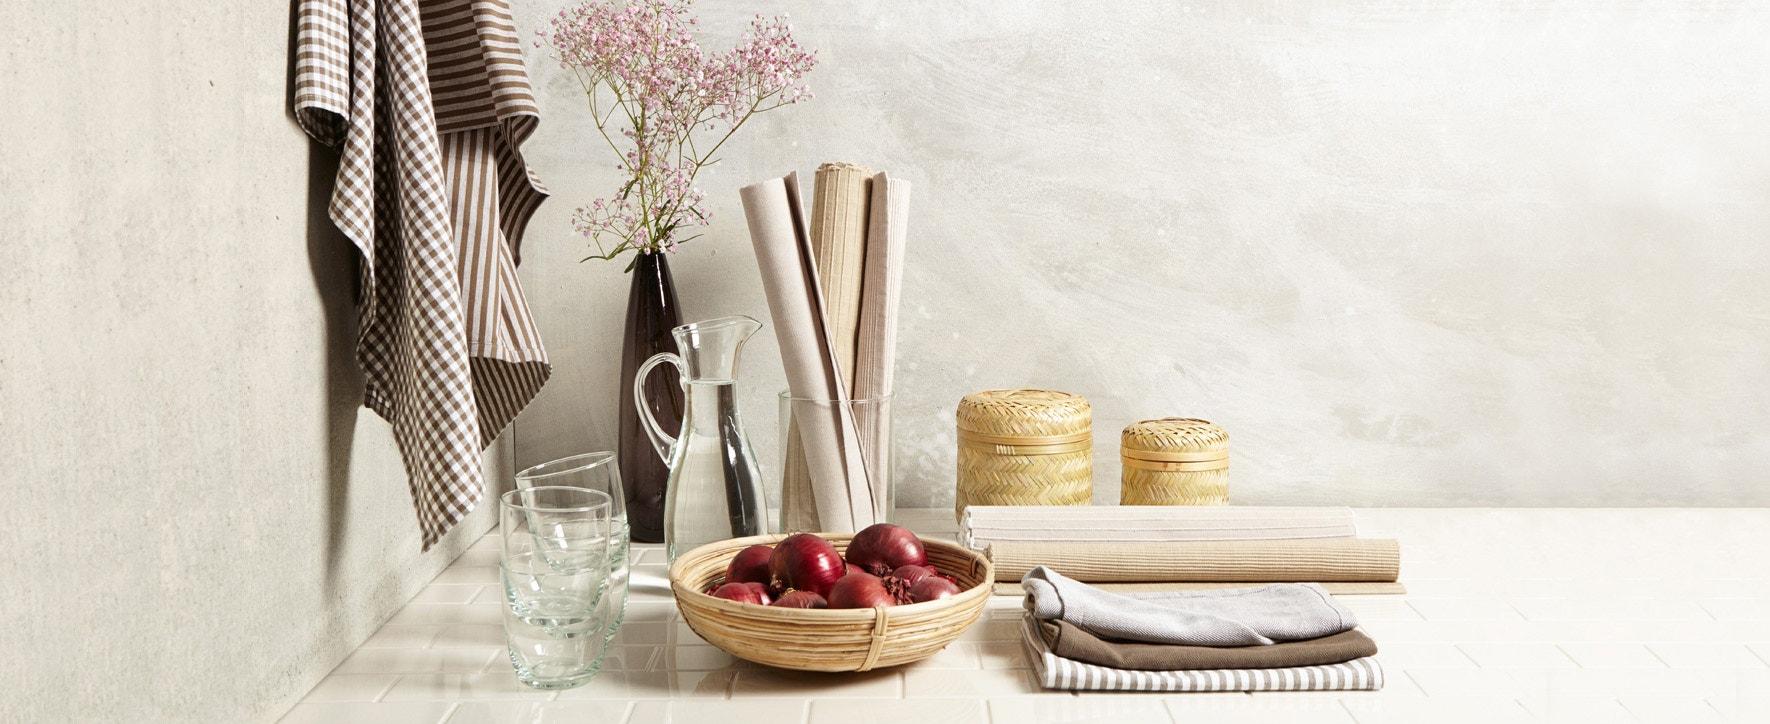 Tisch & Küche - Foto: GEPA - The Fair Trade Company / Julia von der Heide